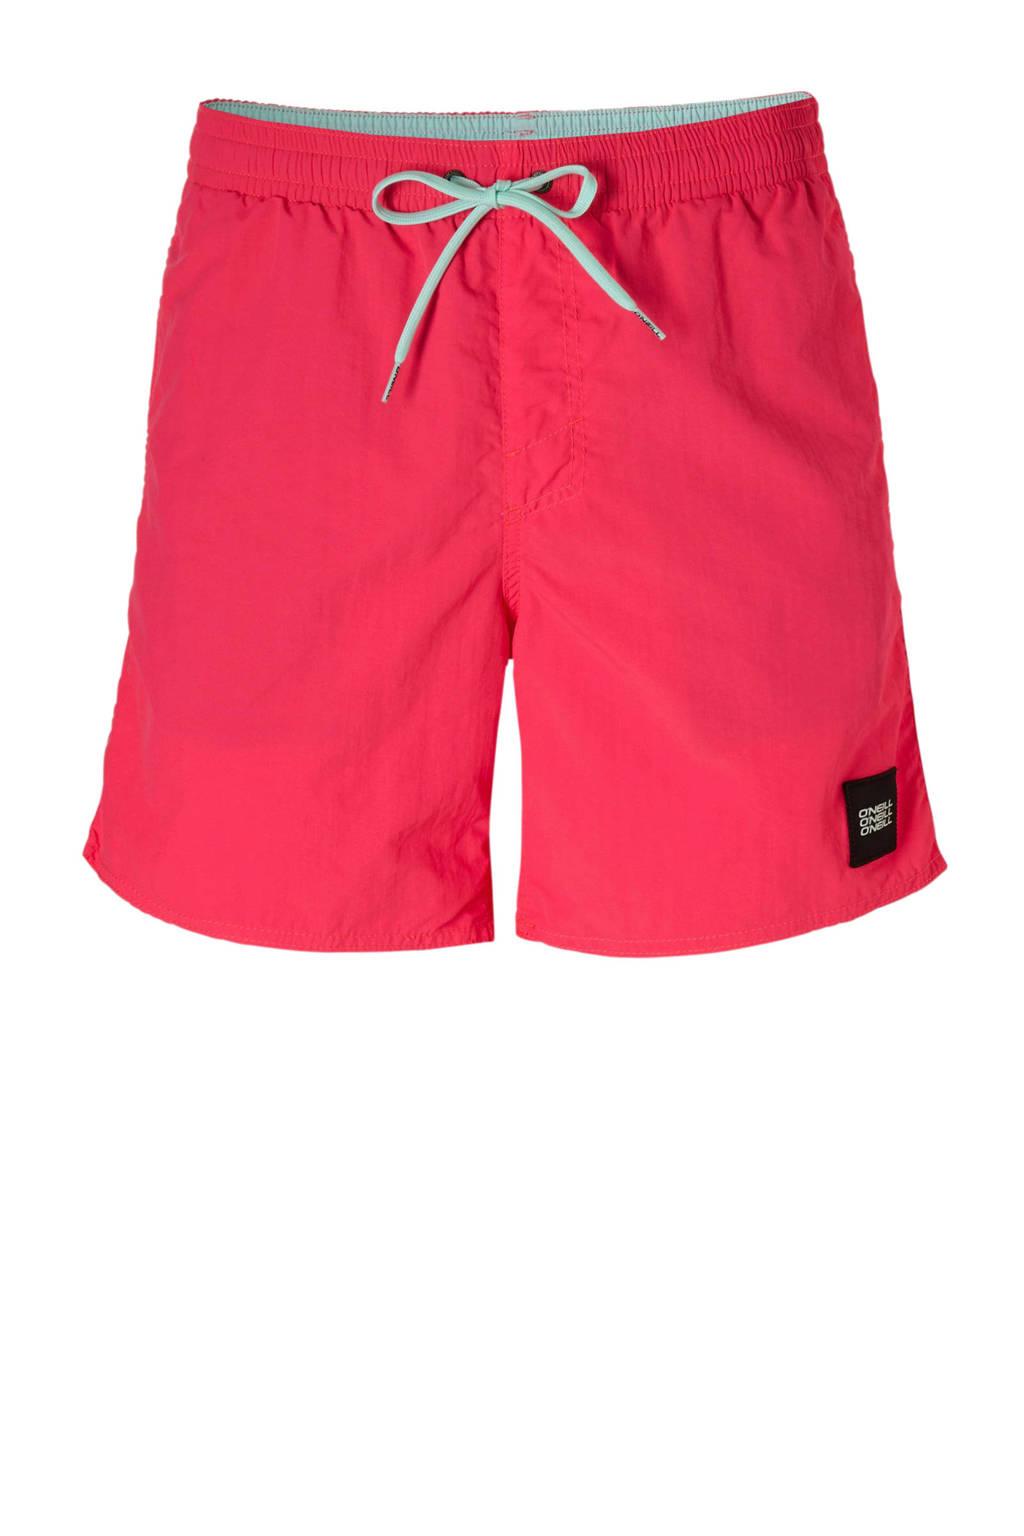 O'Neill zwemshort met zakken neon roze, Roze